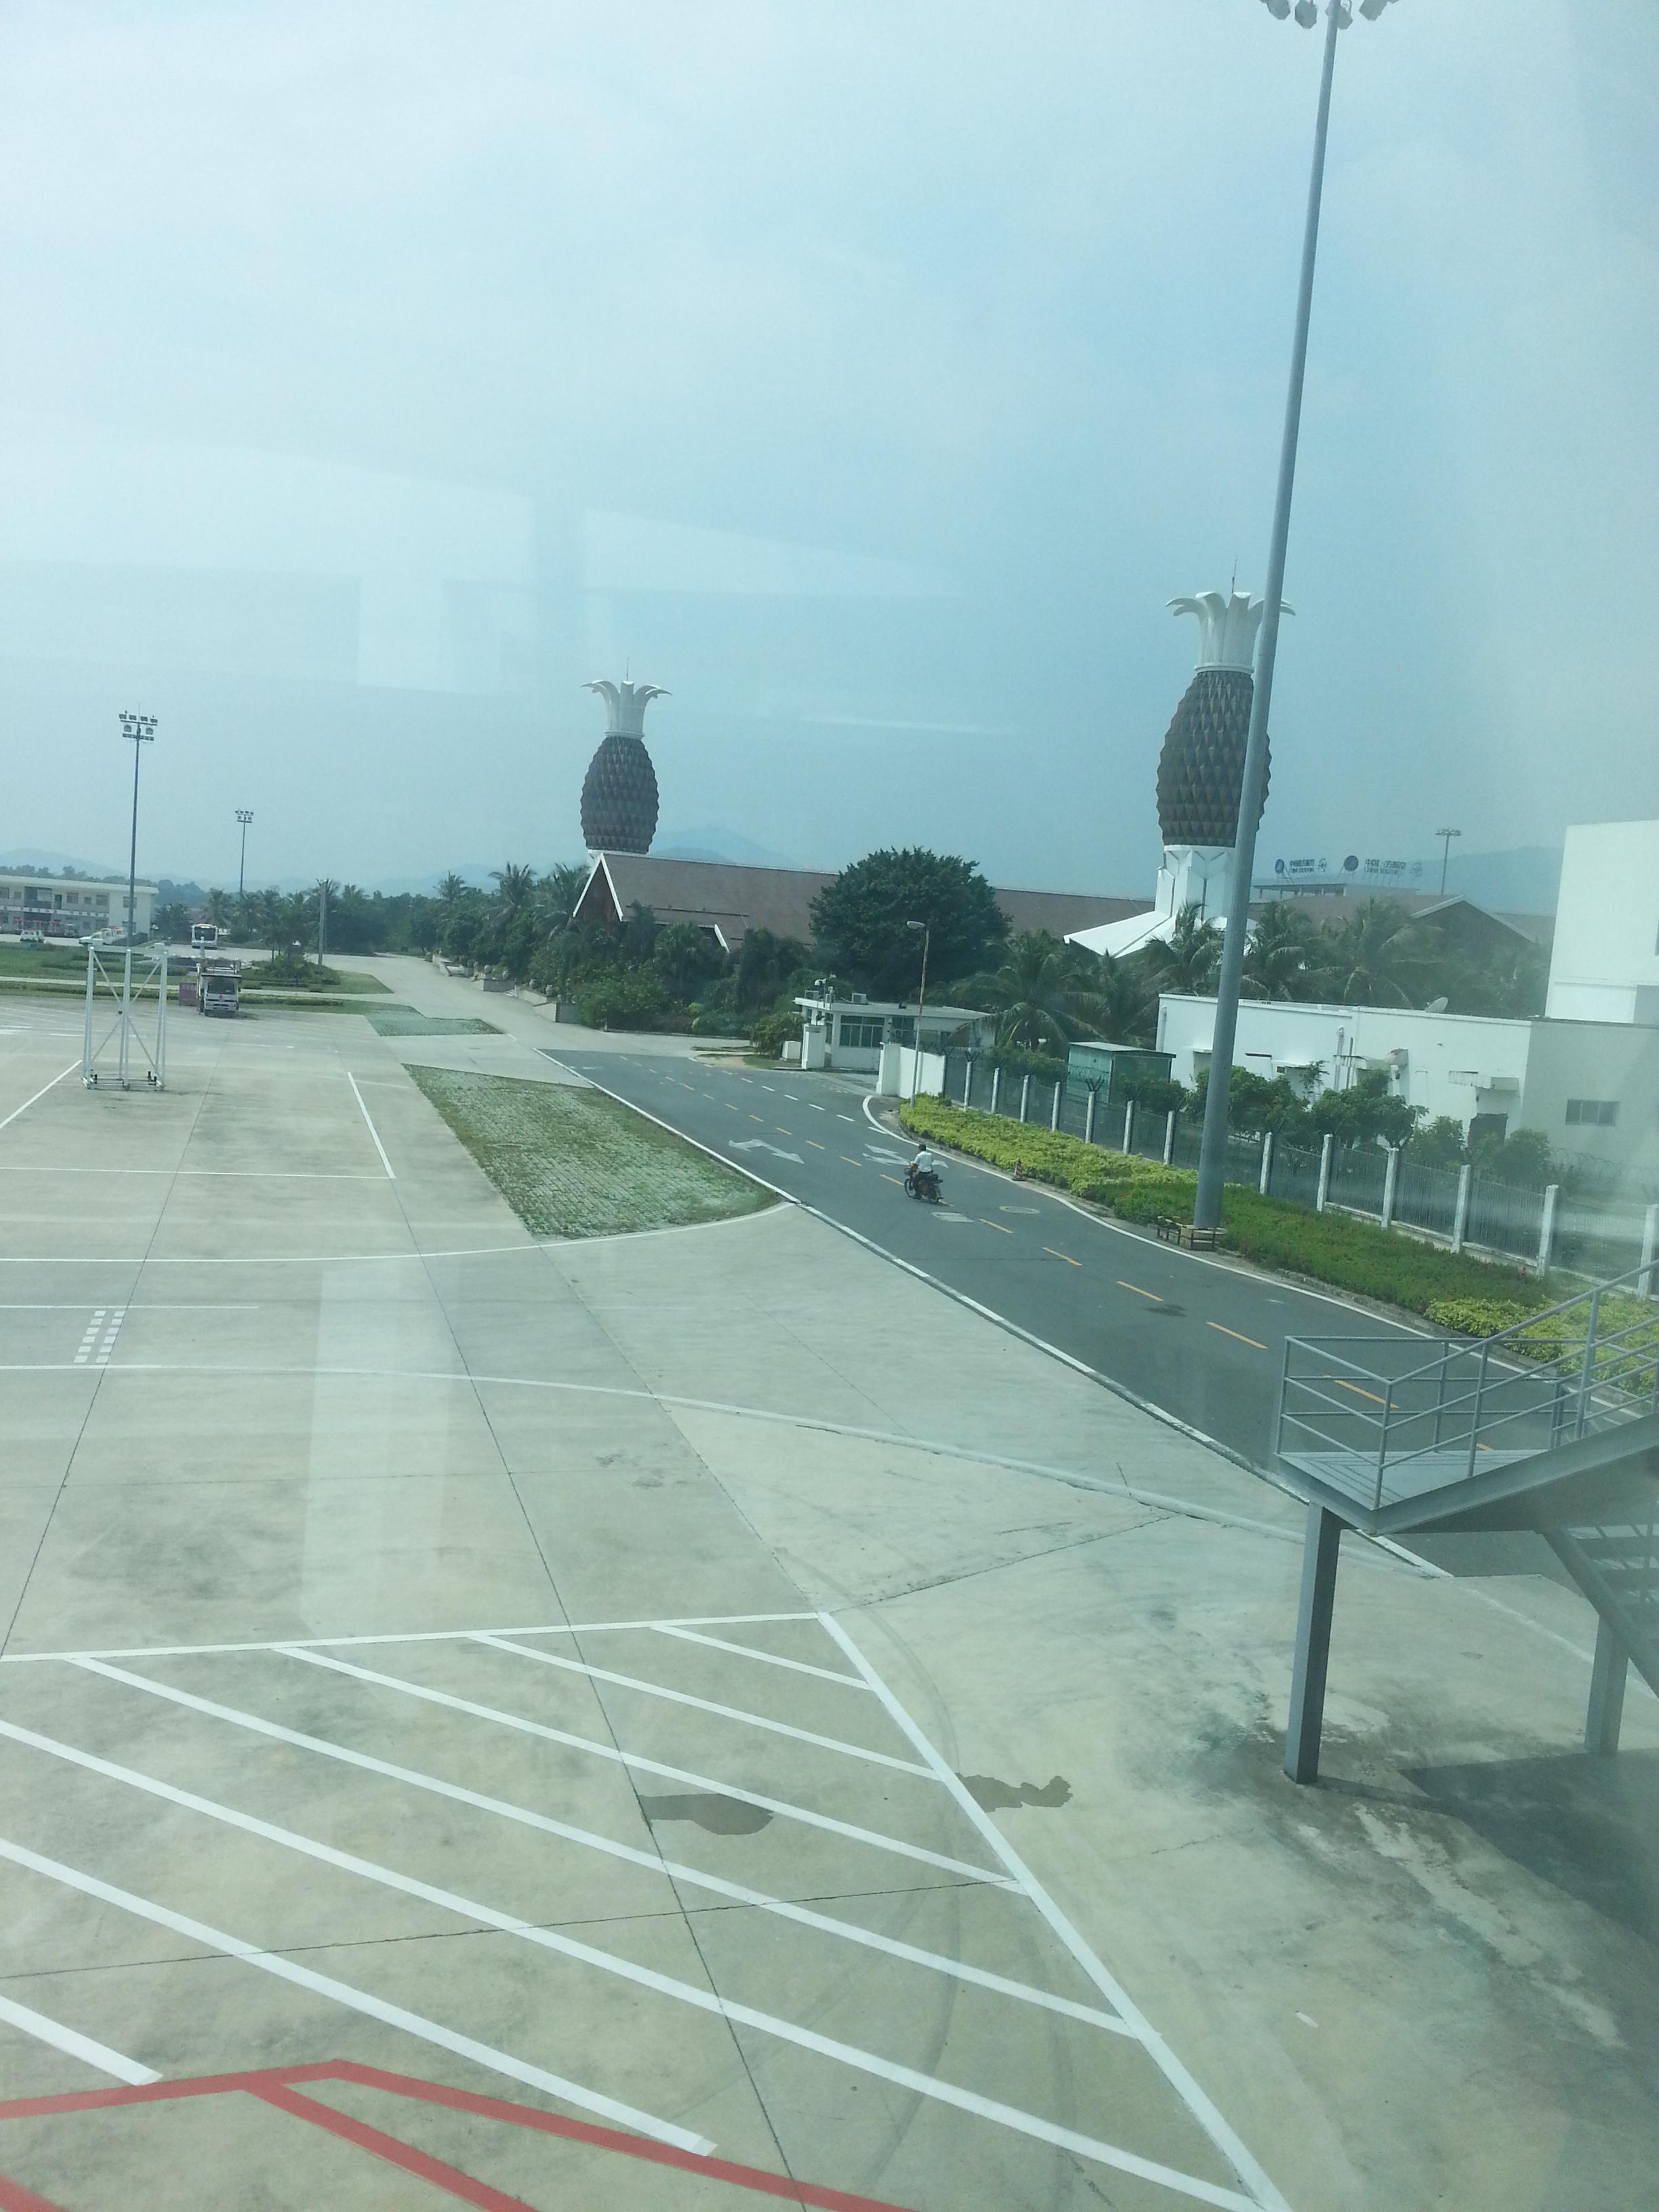 到凤凰国际机场后,忍不住对着极富热带特色的建筑前留影,下飞机不久